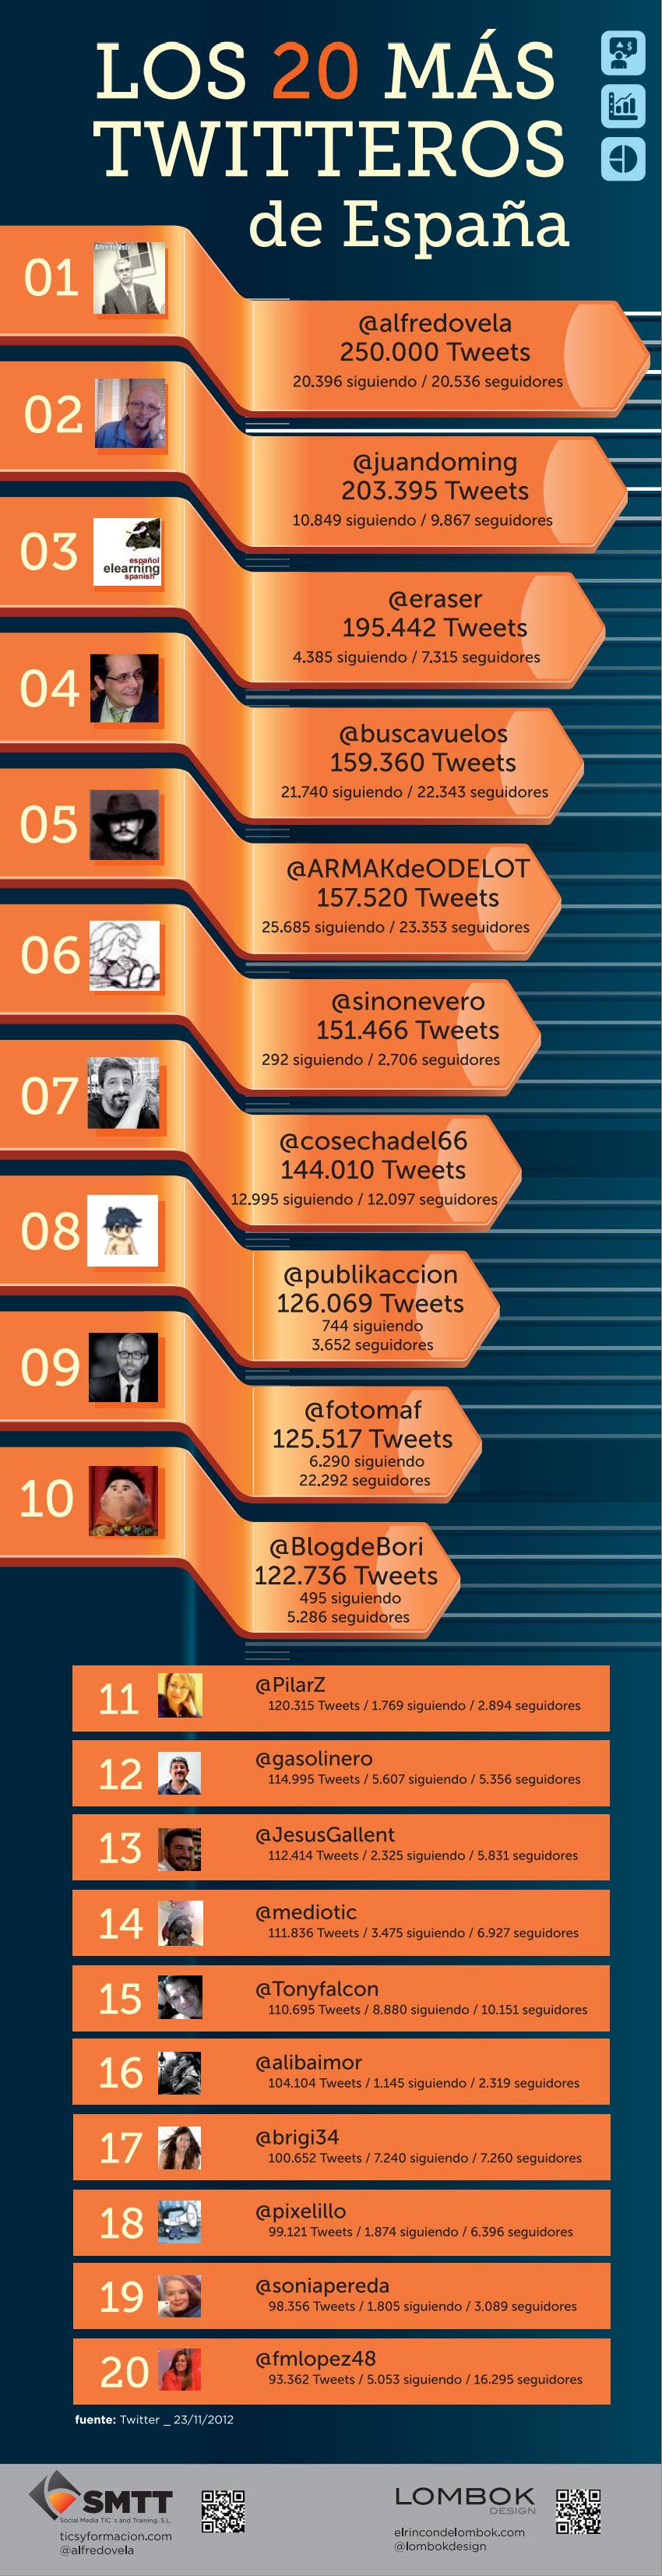 Los 20 más twitteros de España